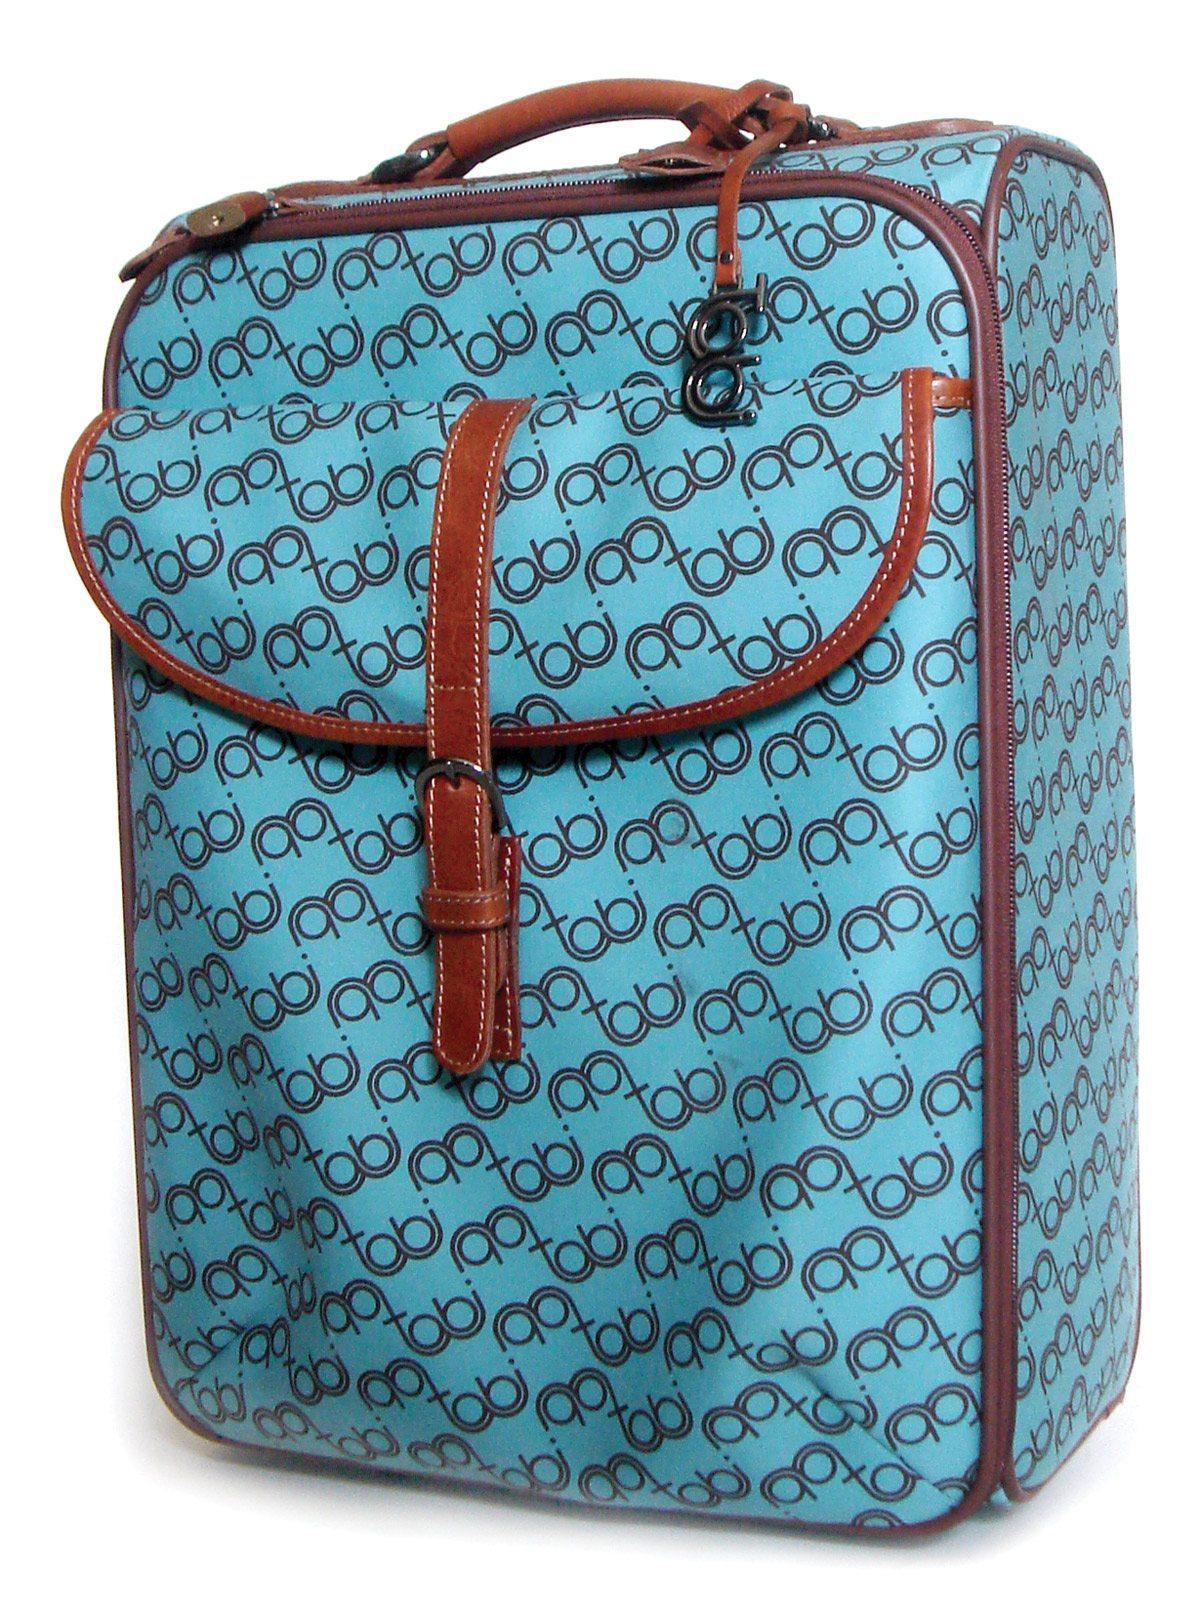 valise tabi, design yoichi nagasawa, pattern Ich&Kar